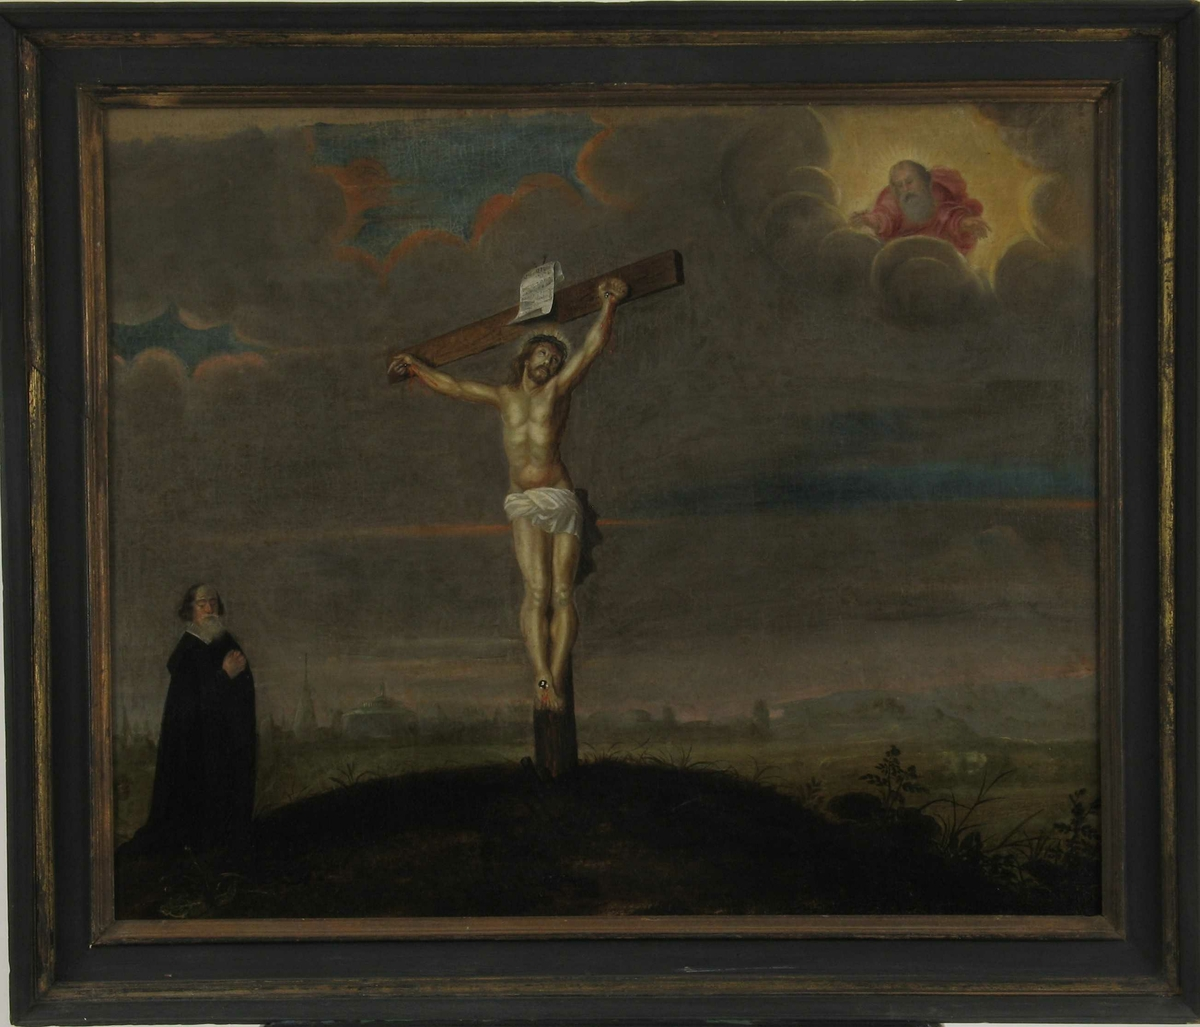 Kristus på korset,/ Gud Fader/ Golgatahaugen/ donatorportrett. Donatorportrett av prokurator Hans Nielsen Friis  1673.   Midt i bildet, noe til venstre, Kristus på korset,  i korset sett pespektivisk skrått,  Kristus dreiet ansiktet opp mot høyre, i øvre høyre billedhjørne  sees   Gud Fader åpenbare seg i skyen, omgitt av lys,  i rødt flagrende gevant, med utrstrakte hender ned mot  sønnen på korset. Lav horisont, mørk gråbrun, skyet  himmel, enkelte gløtt av blå aftenhimmel. I forgr.   Golgatahaugen  med grønne vekster, gress og urter,  nitid utført slik som i I. C. Dahls Præstøbilde, men  holdt i brungrønt. Bakgrunnen sløret av luftperspektiv - et hauget, kupert landskap m. koller og trær,  silhuetten av en by med tårn og kupler - Jerusalem - og t. h. blå fjell og åser i horisonten.  Helt t. v. i forgr. sees  donatoren, prokurator Hans Nielsen Friis av den adelige Landvig-ætt, stående i  tilbedelse, ellers er landskapet uten mennesker. Den stående mann, som sikkert  er et portrett, så karakterfullt som det er, er iført  fotsid sort kappe med flat hvit krave. Han har langt  hvitt fullskjegg og langt, mørkblondt hår.  Tross enkelte maleriske mangler, spes. den klossete hersker i skyen, samt  Kristi lår og ben som ikke  henger sammen med overkroppen, er bildet godt malt, landskapebakgrunnen og den skyete himmel kan bringe  tanken hen på Elias Fiigenschoug og hans Halsnøy bilde (repr. Det norske folks liv og historie s.)